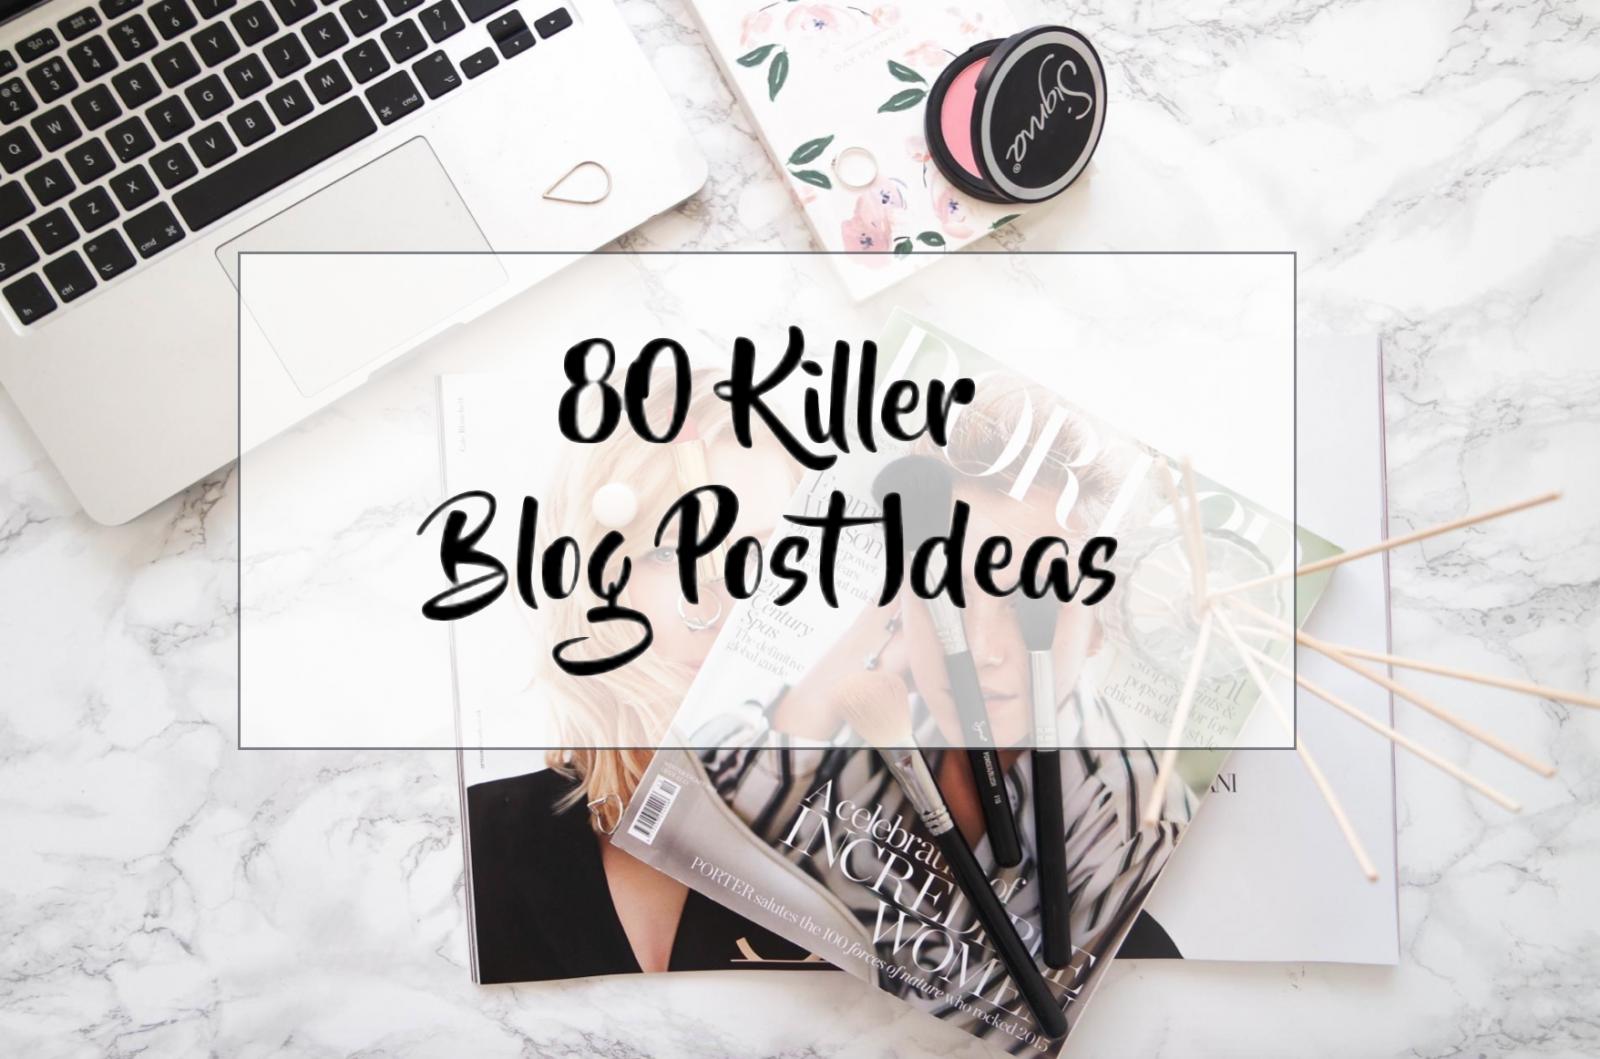 80 killer blog post ideas